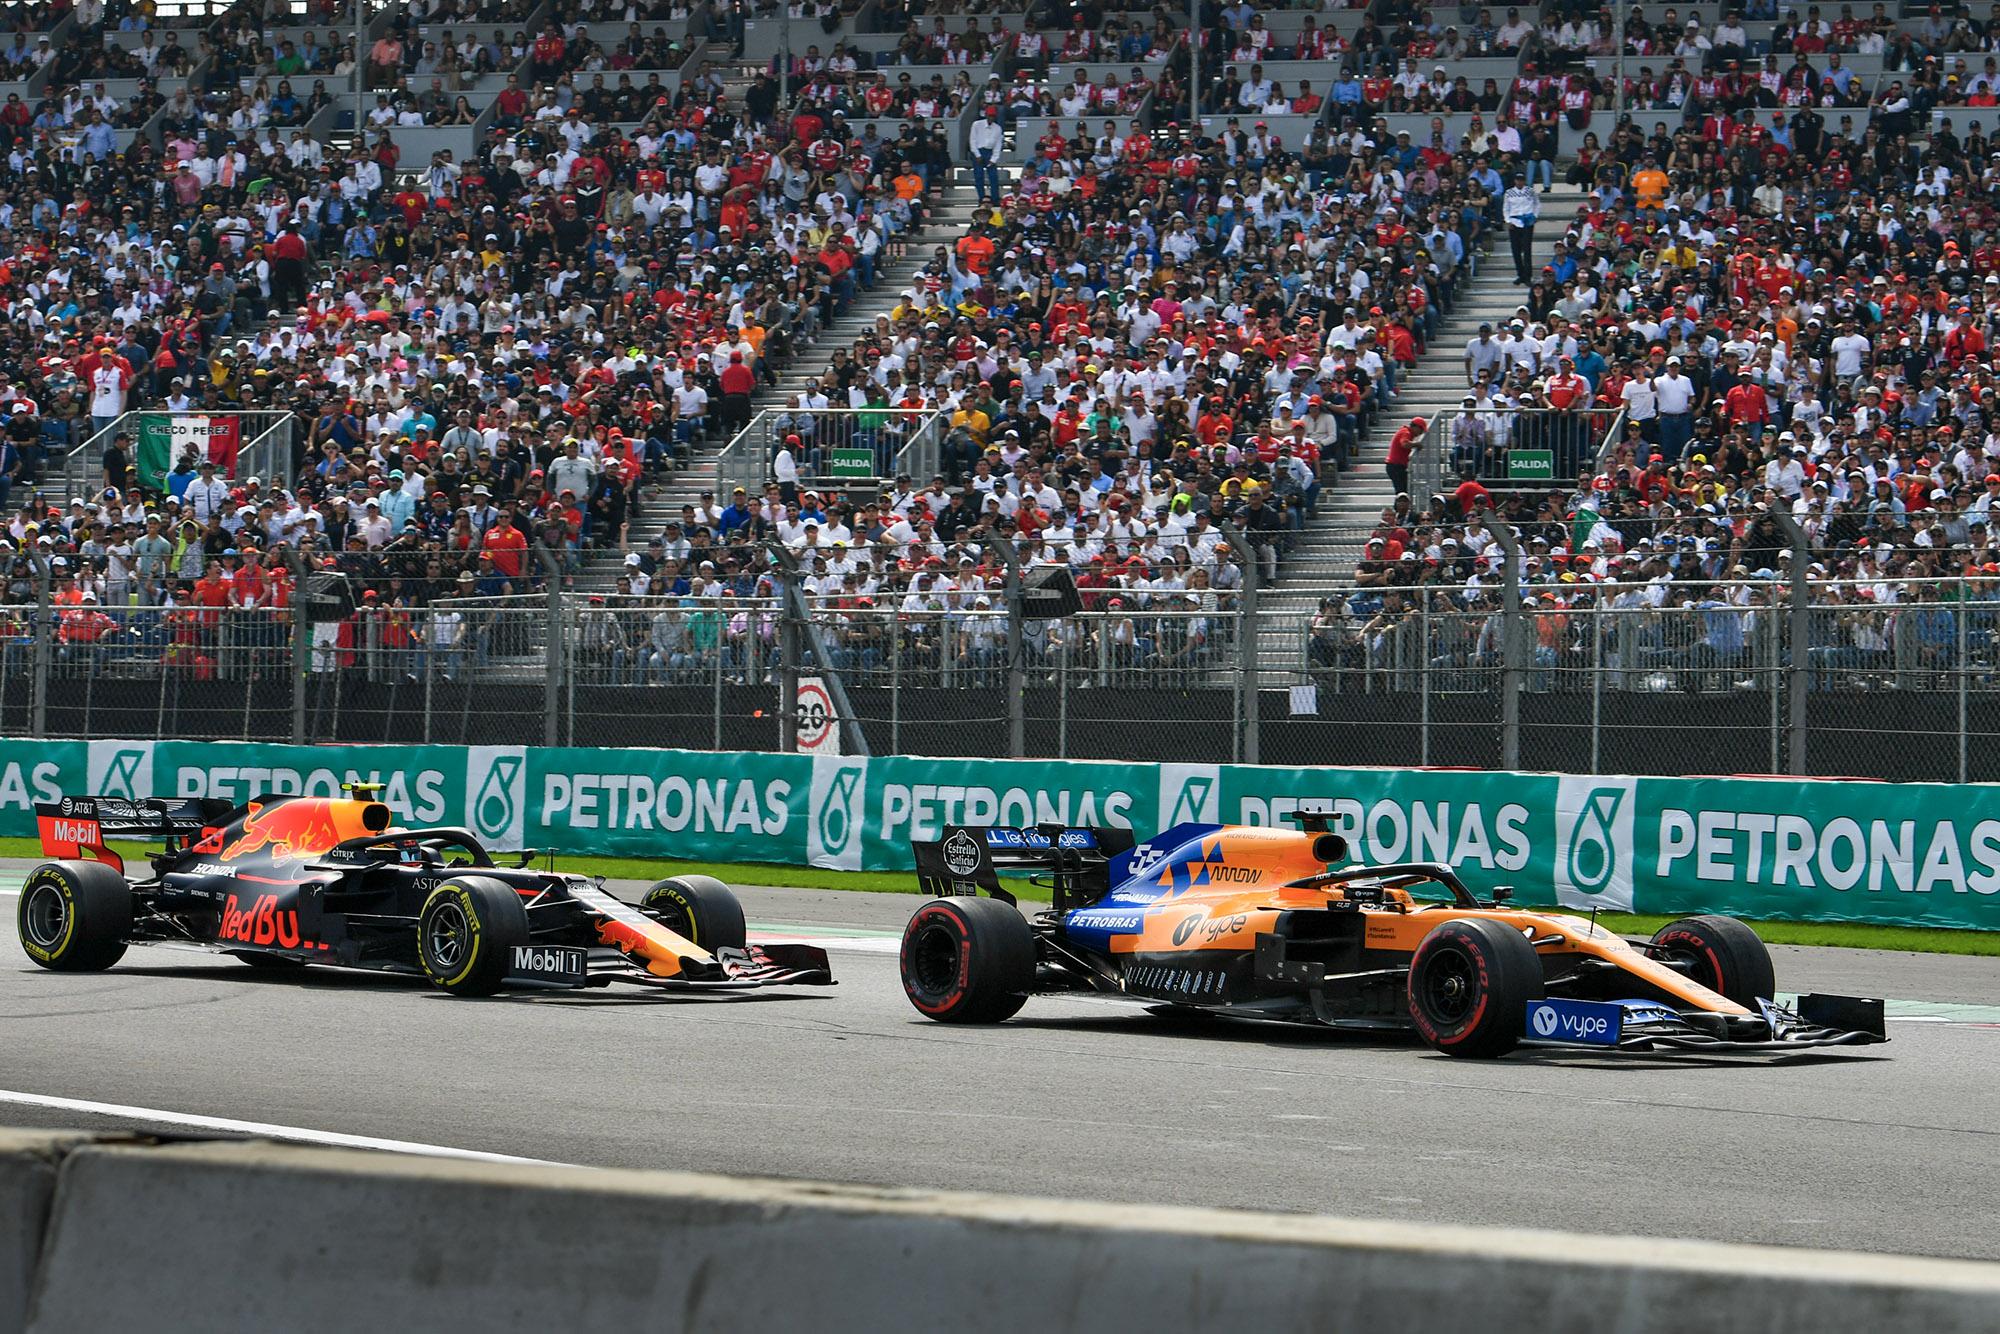 Alex Albon follows Carlos Sainz at the 2019 F1 Mexican Grand Prix